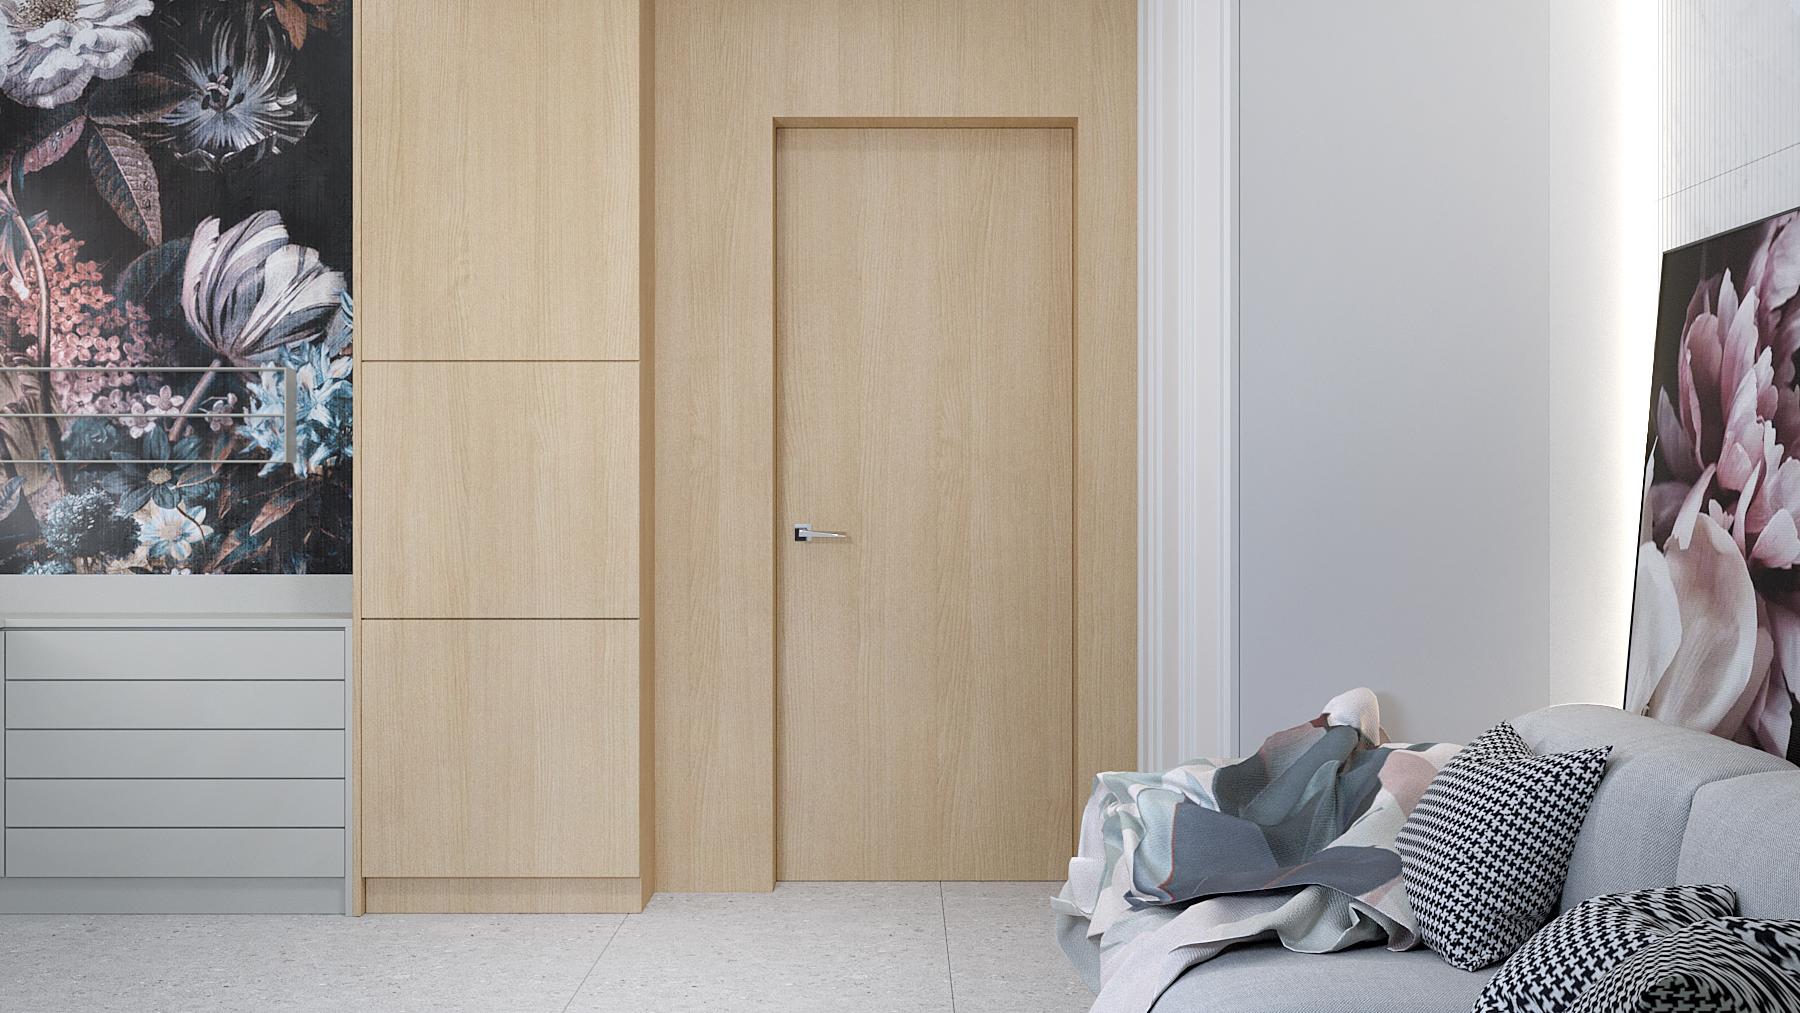 3 projektant wnetrz D423 poddasze Myslowice pokoj do makijazu drewniana sciana z drzwiami tapeta w kwiaty